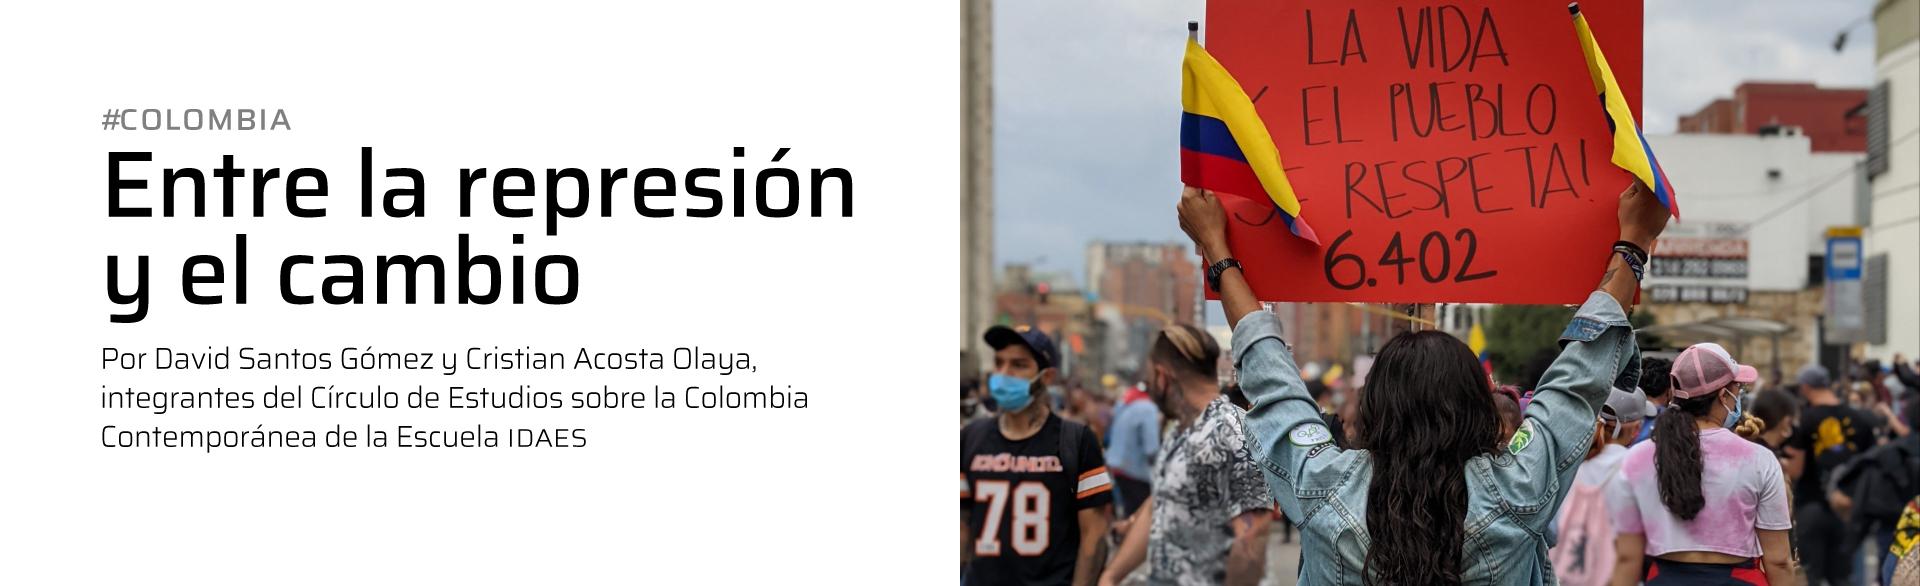 Colombia: Entre la represión y el cambio